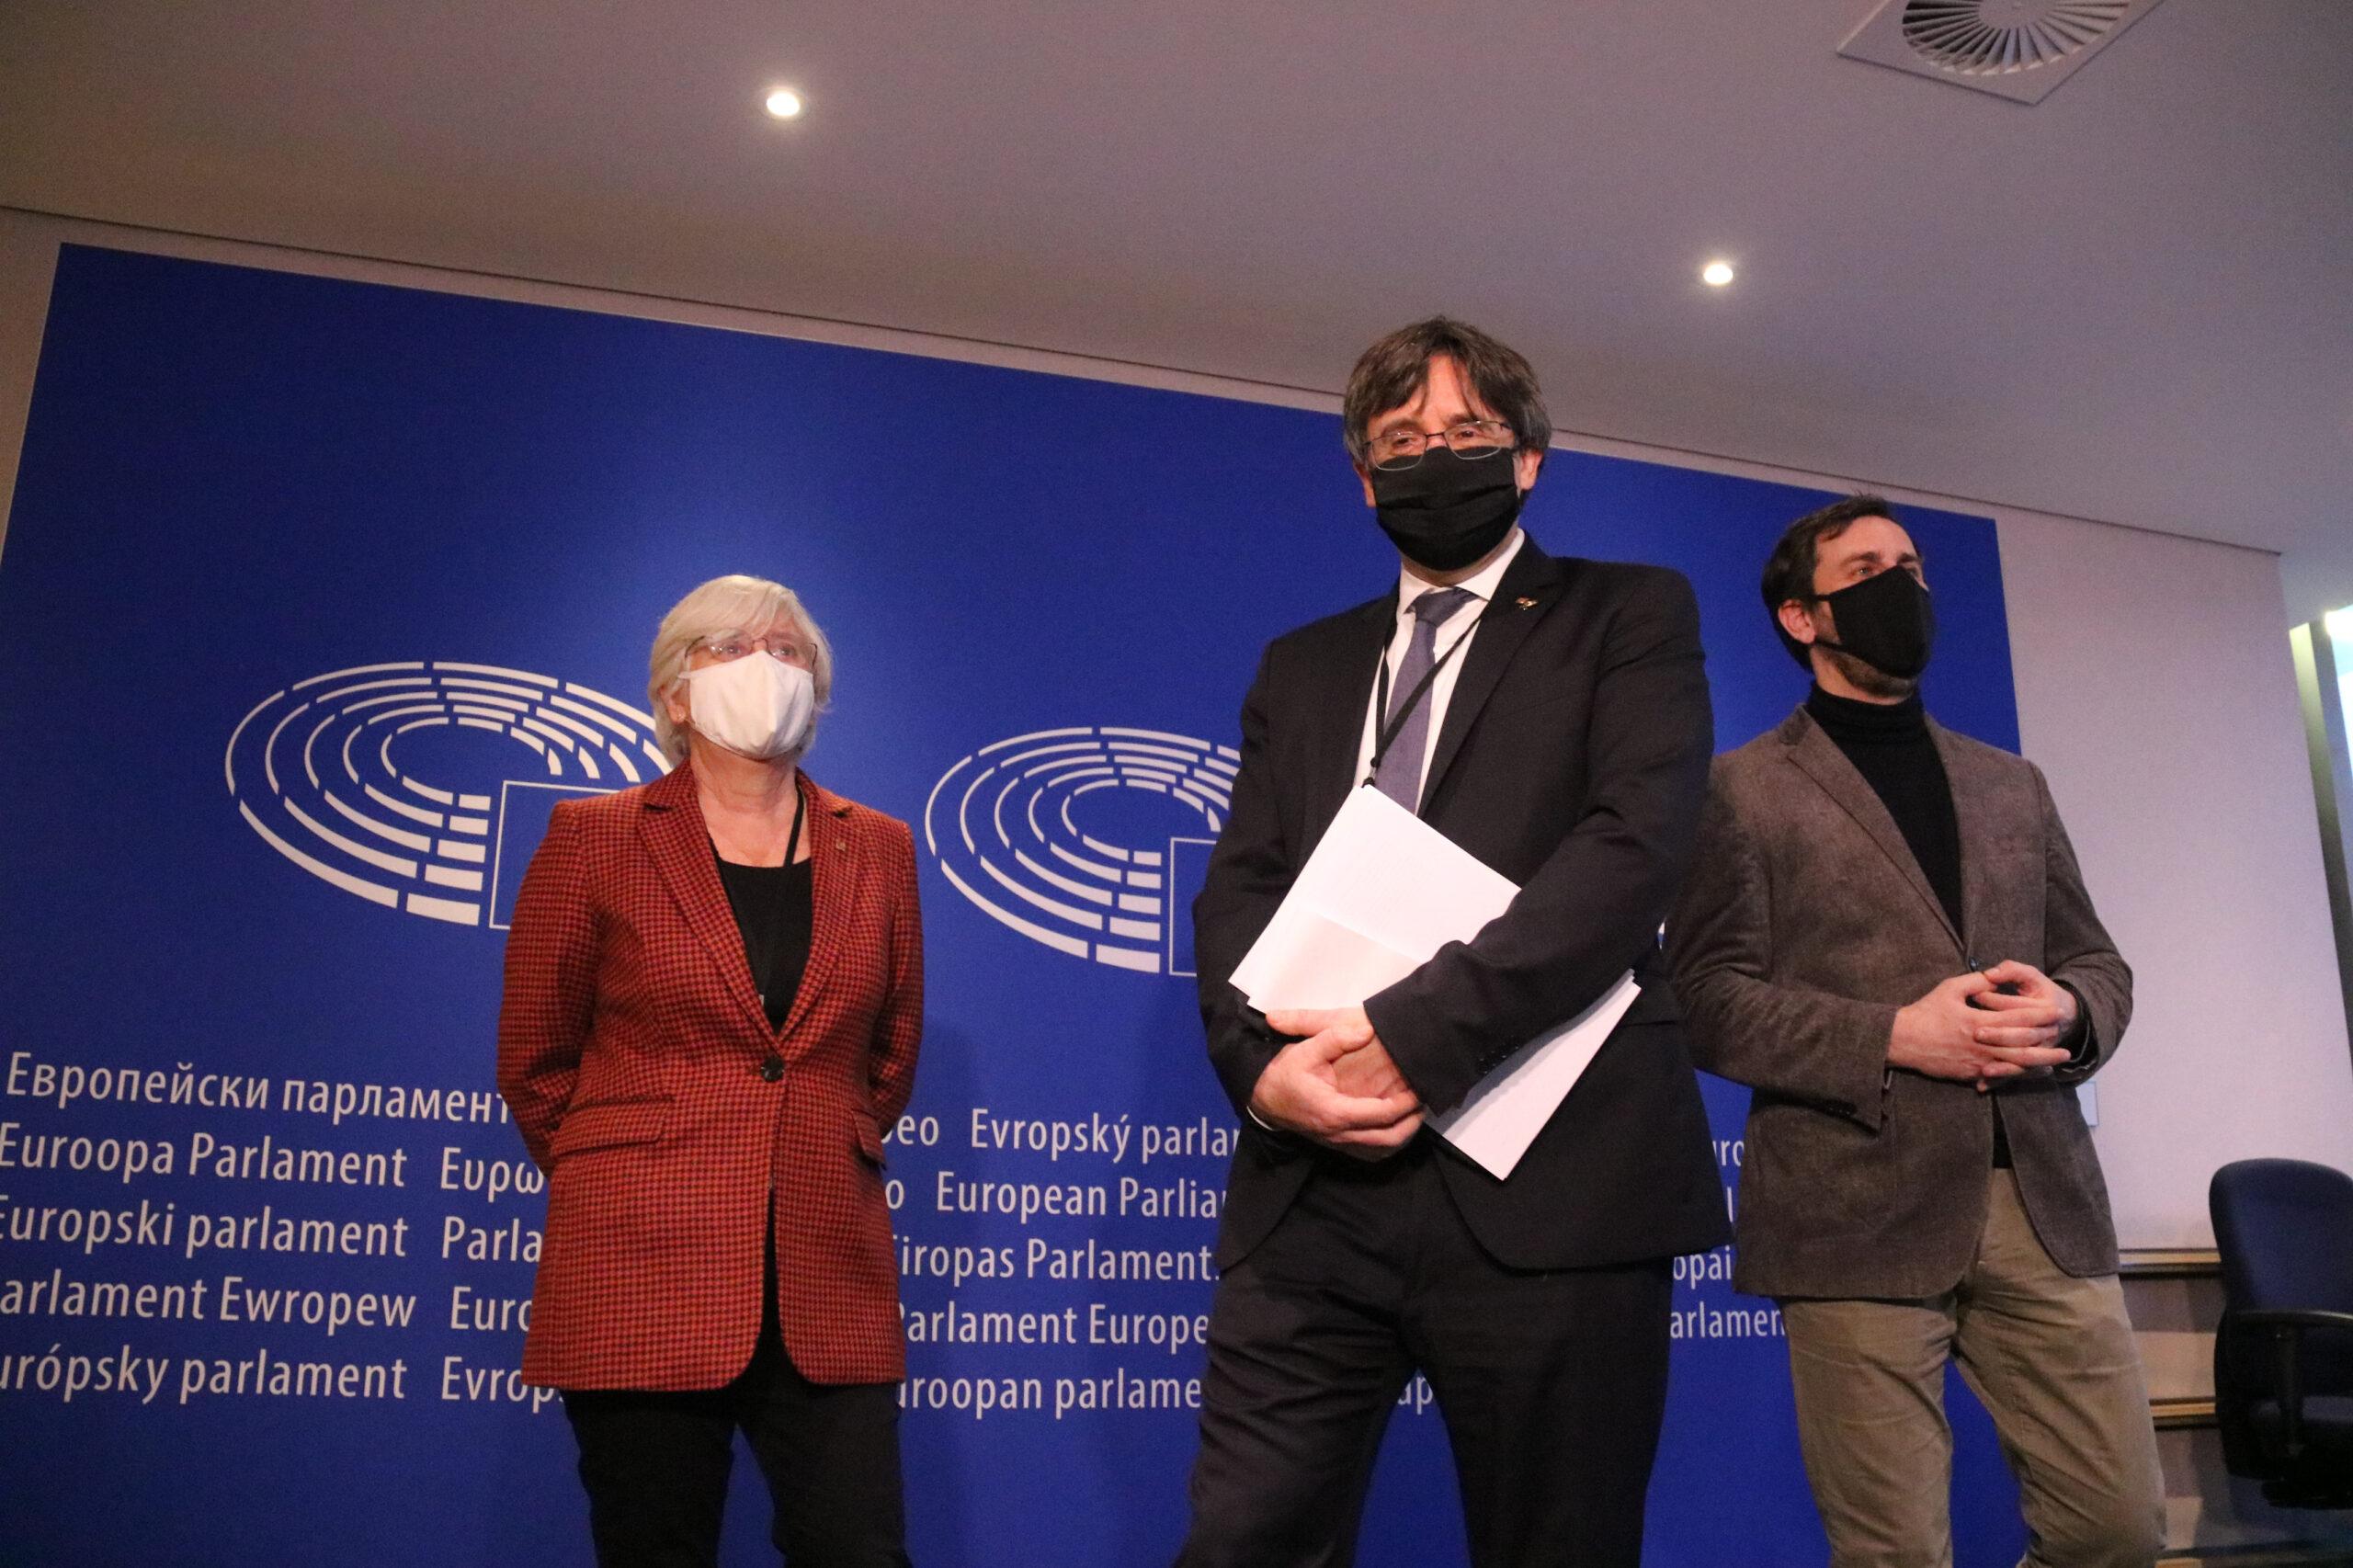 Els eurodiputats Carles Puigdemont, Clara Ponsatí i Toni Comín a l'entrada de la vista pel suplicarori el 14 de gener de 2021 al Parlament Europeu (Horitzontal)